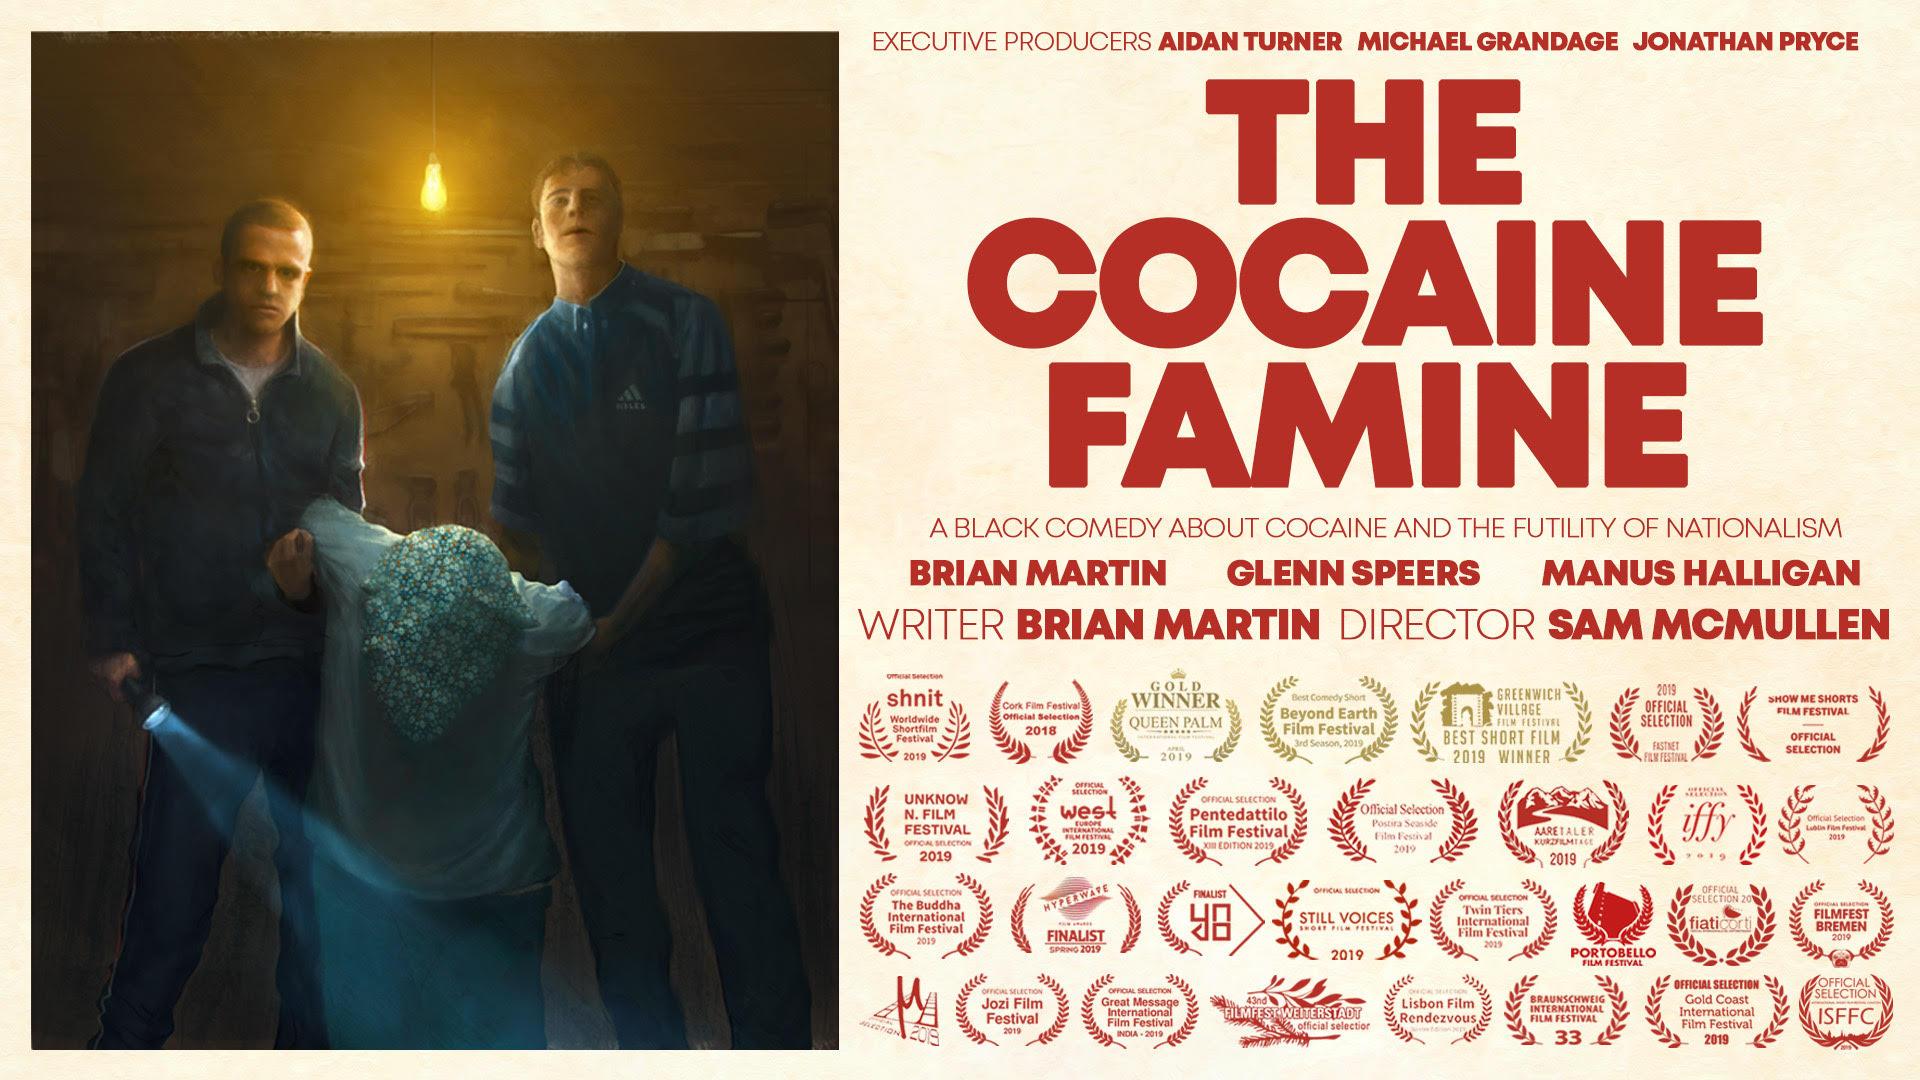 Cocaine Famine